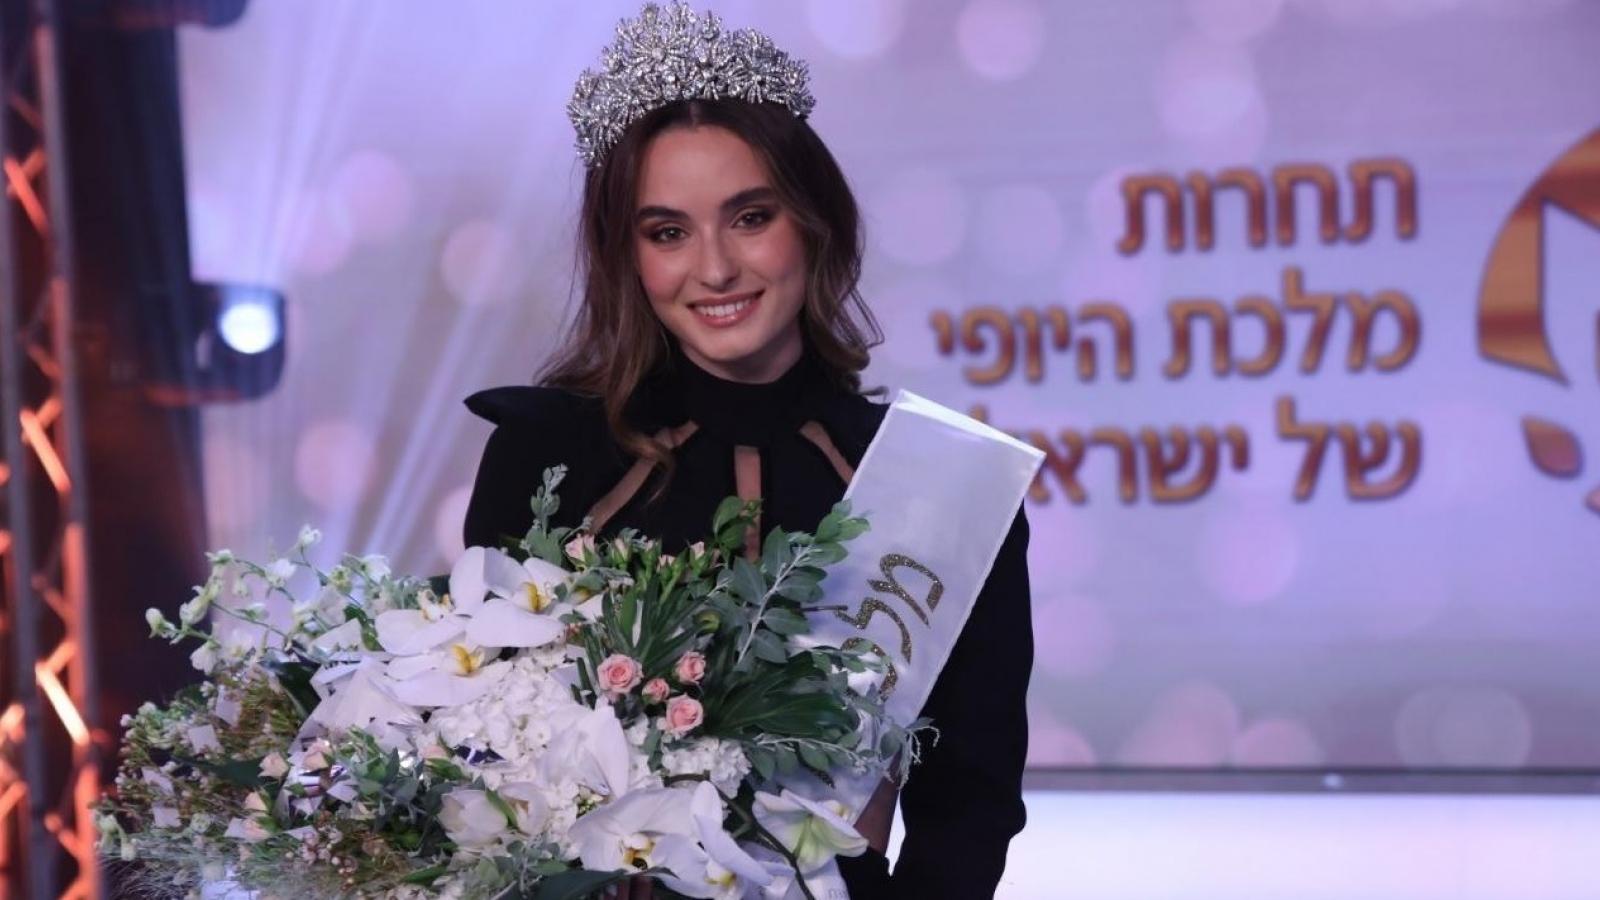 Nhan sắc nữ bác sĩ đăng quang Hoa hậu Israel 2021